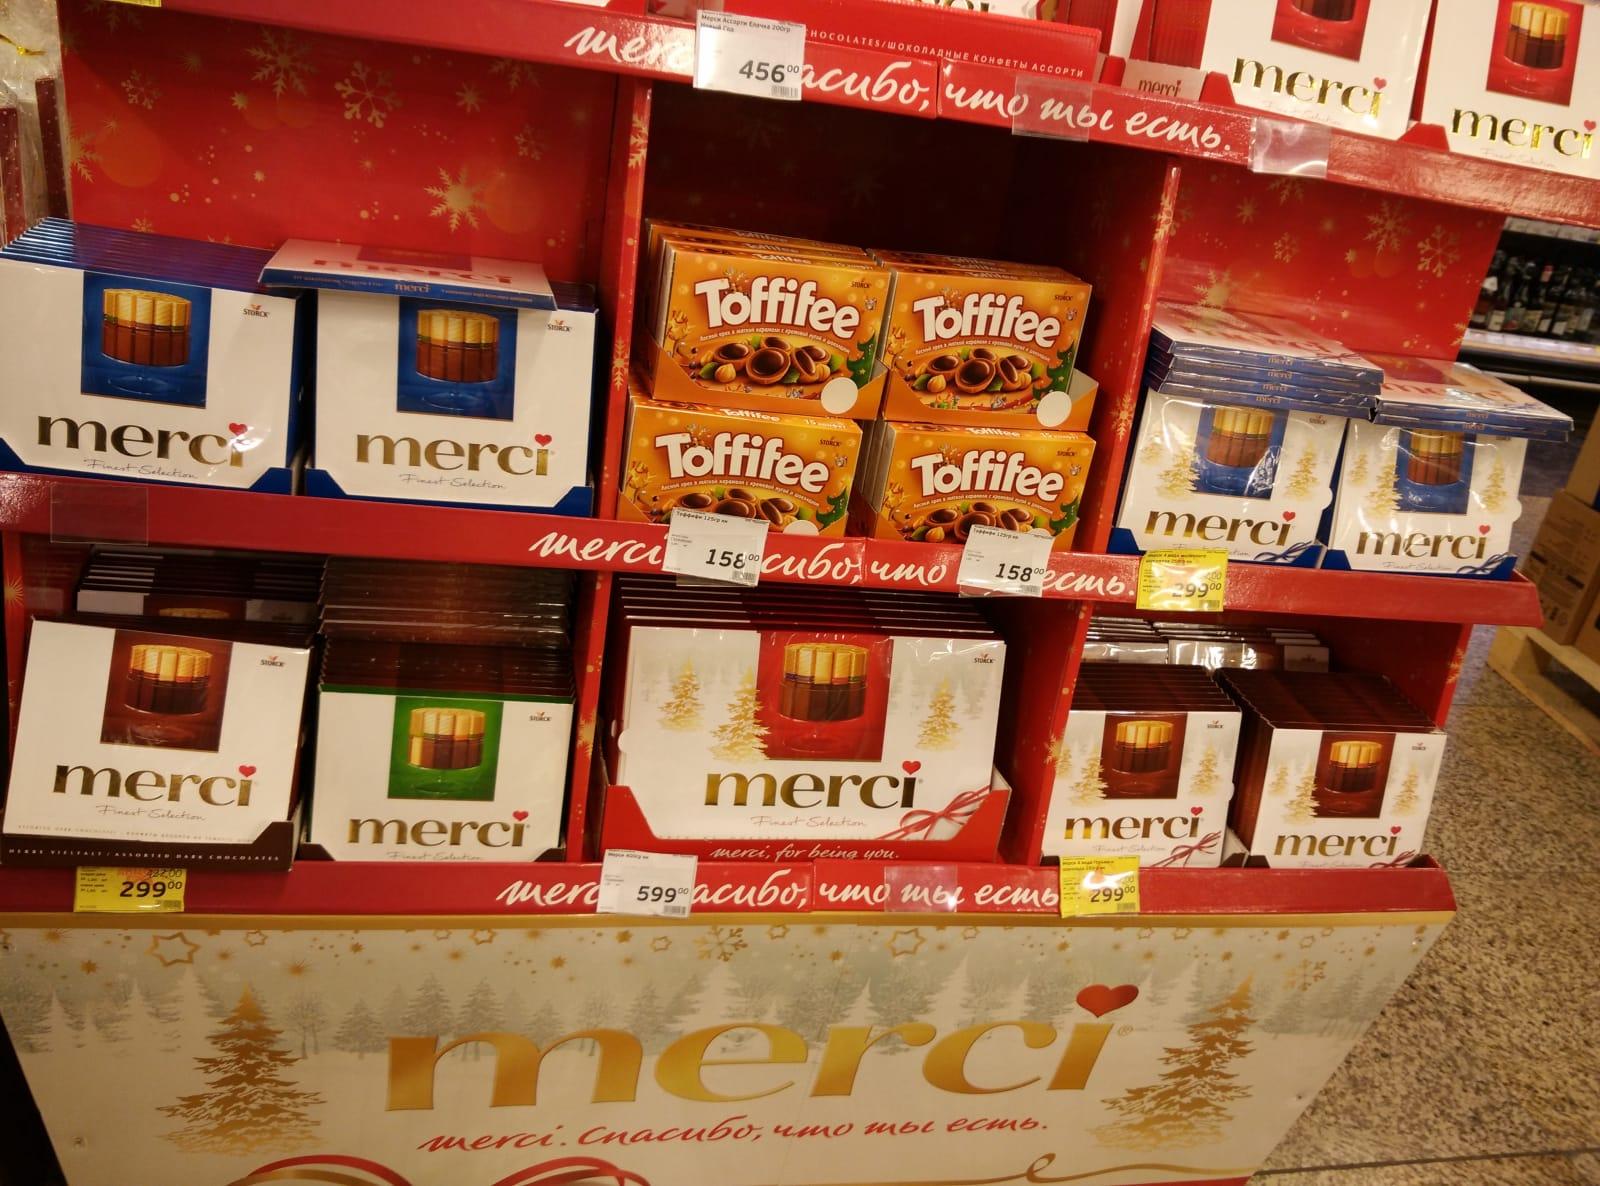 俄罗斯超市Merci巧克力|俄罗斯留学物价|俄罗斯超市物价|俄罗斯留学